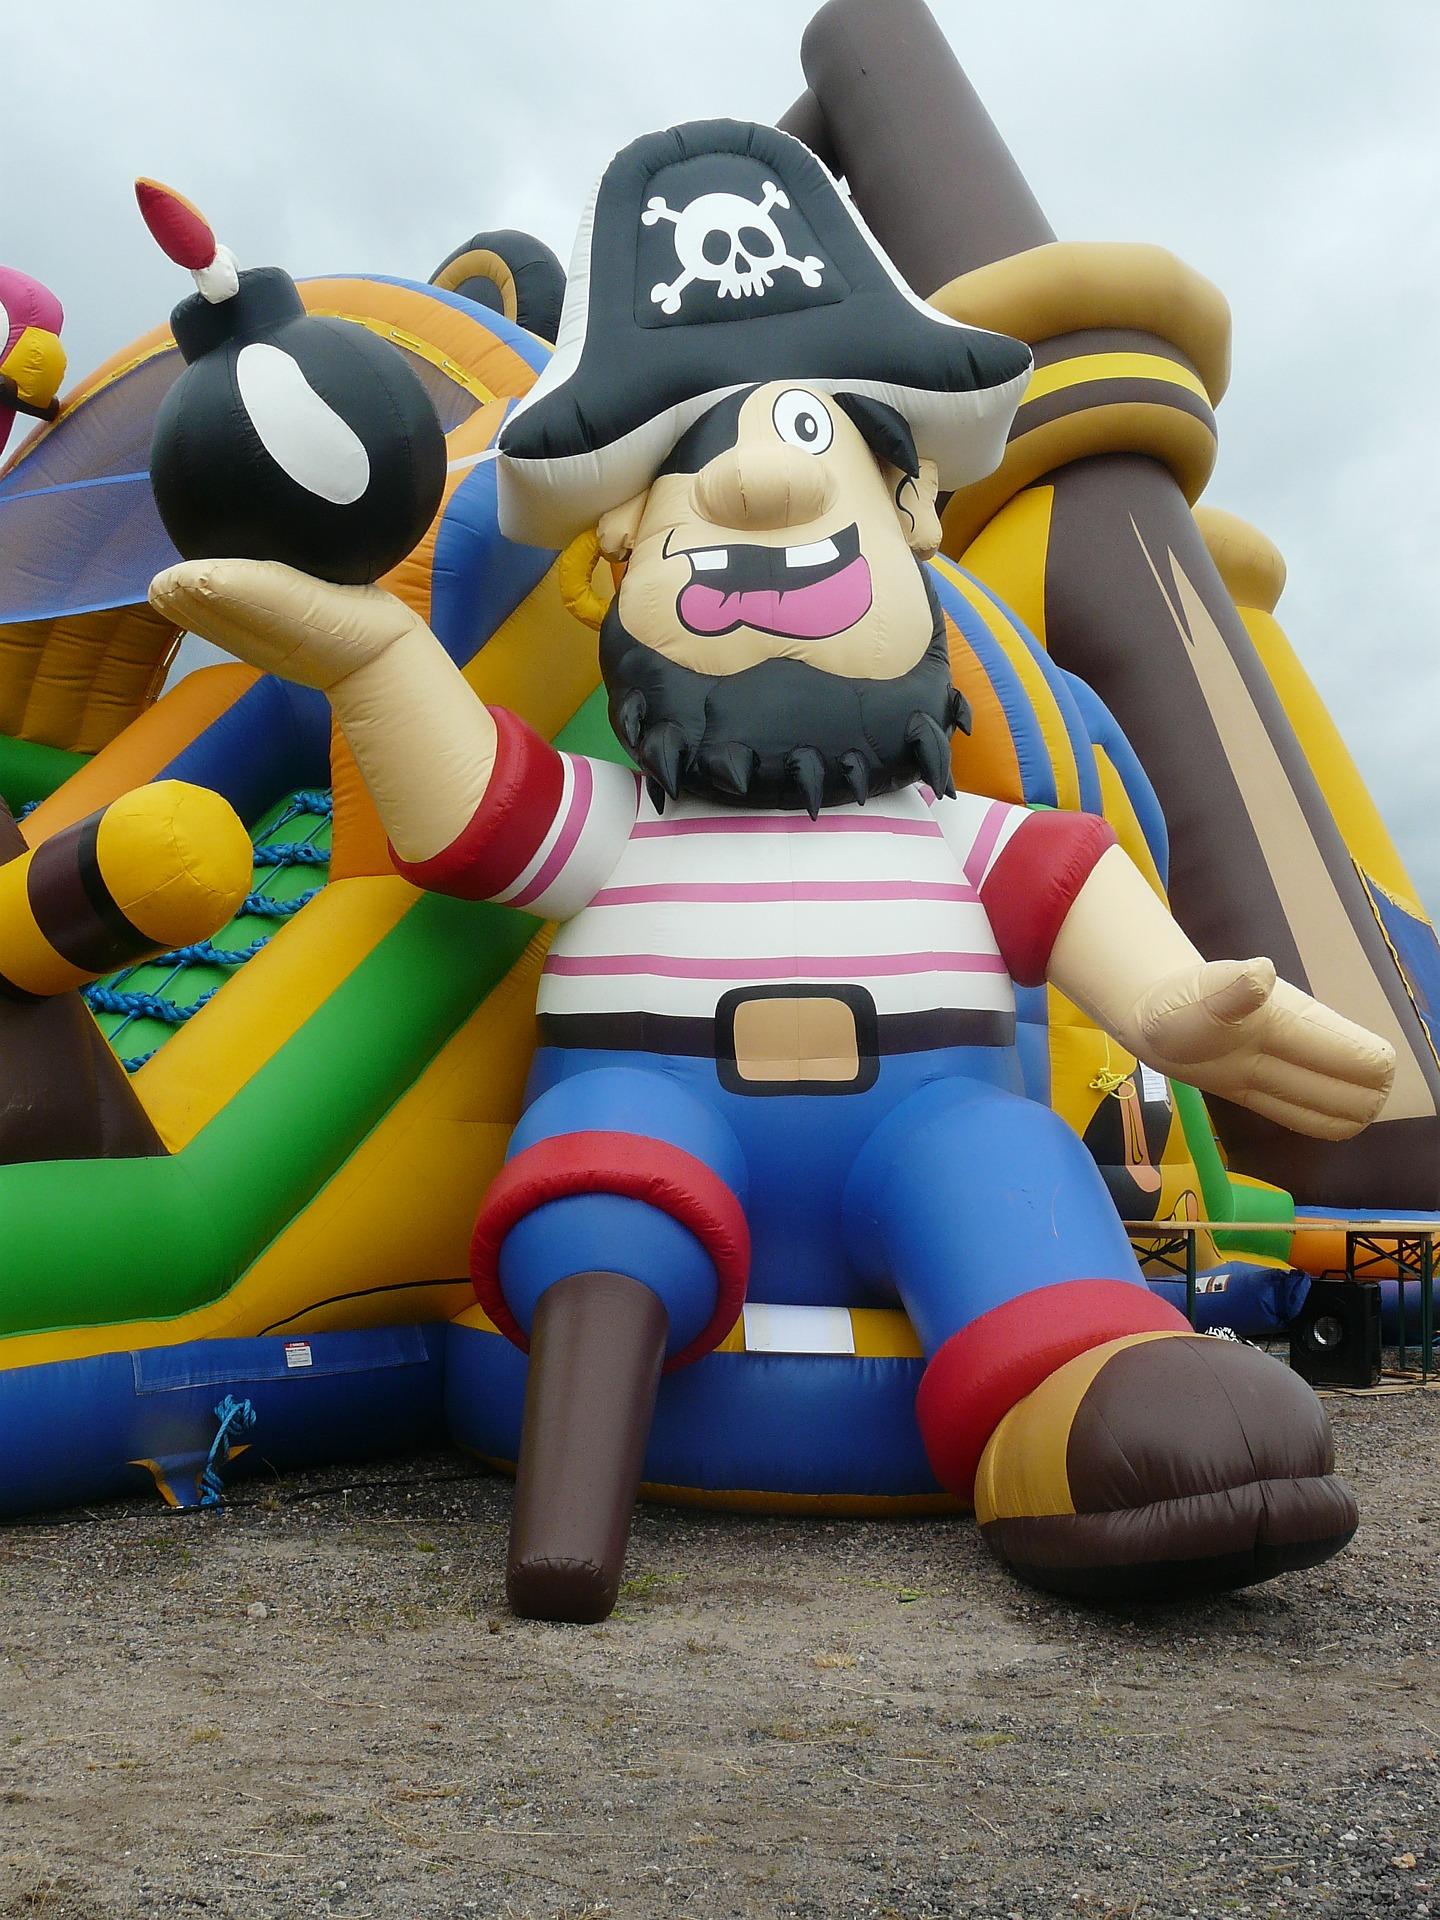 pirate-ship-414123_1920.jpg